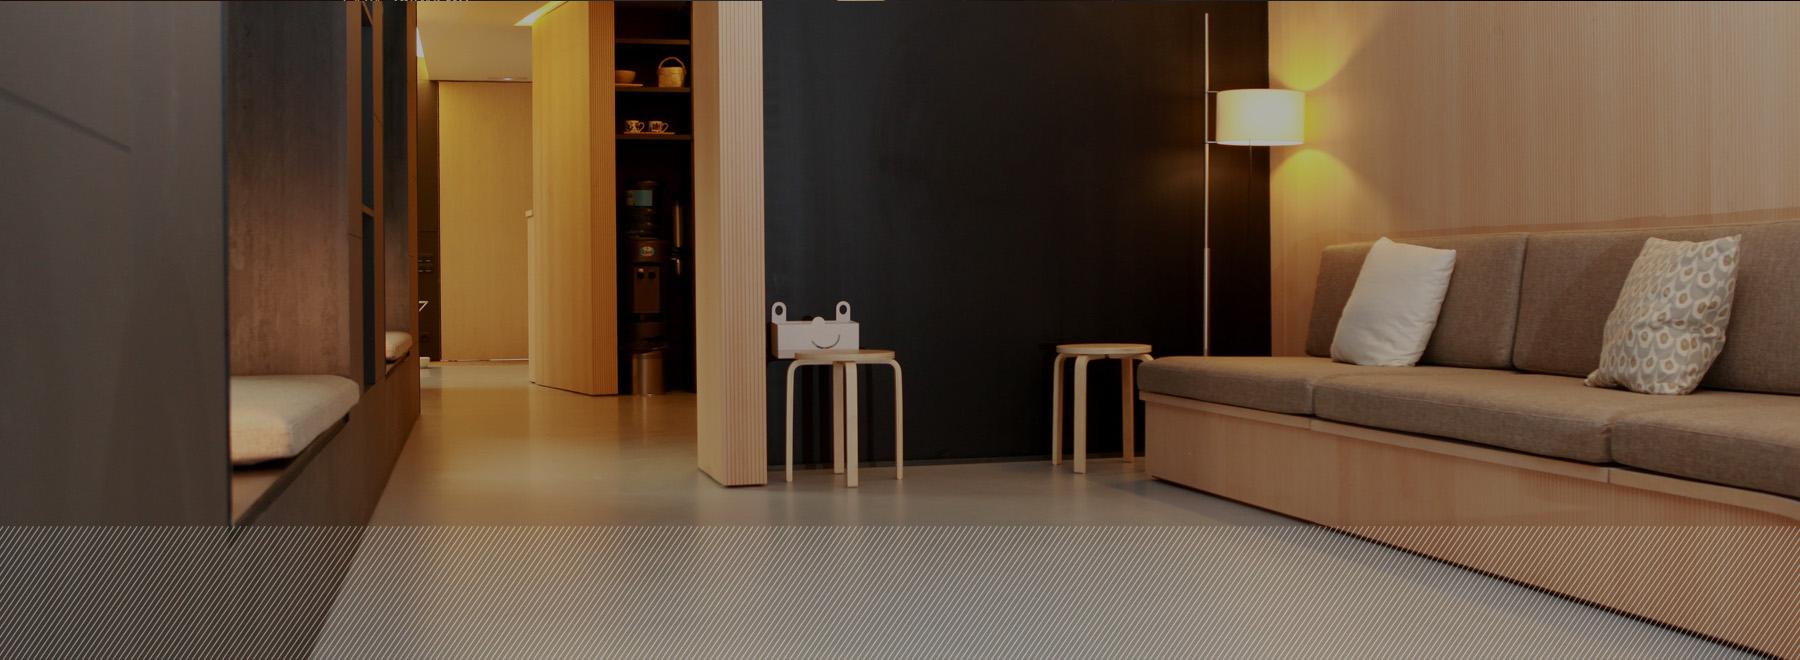 Ortodoncia Tres Torres Barcelona sala de espera